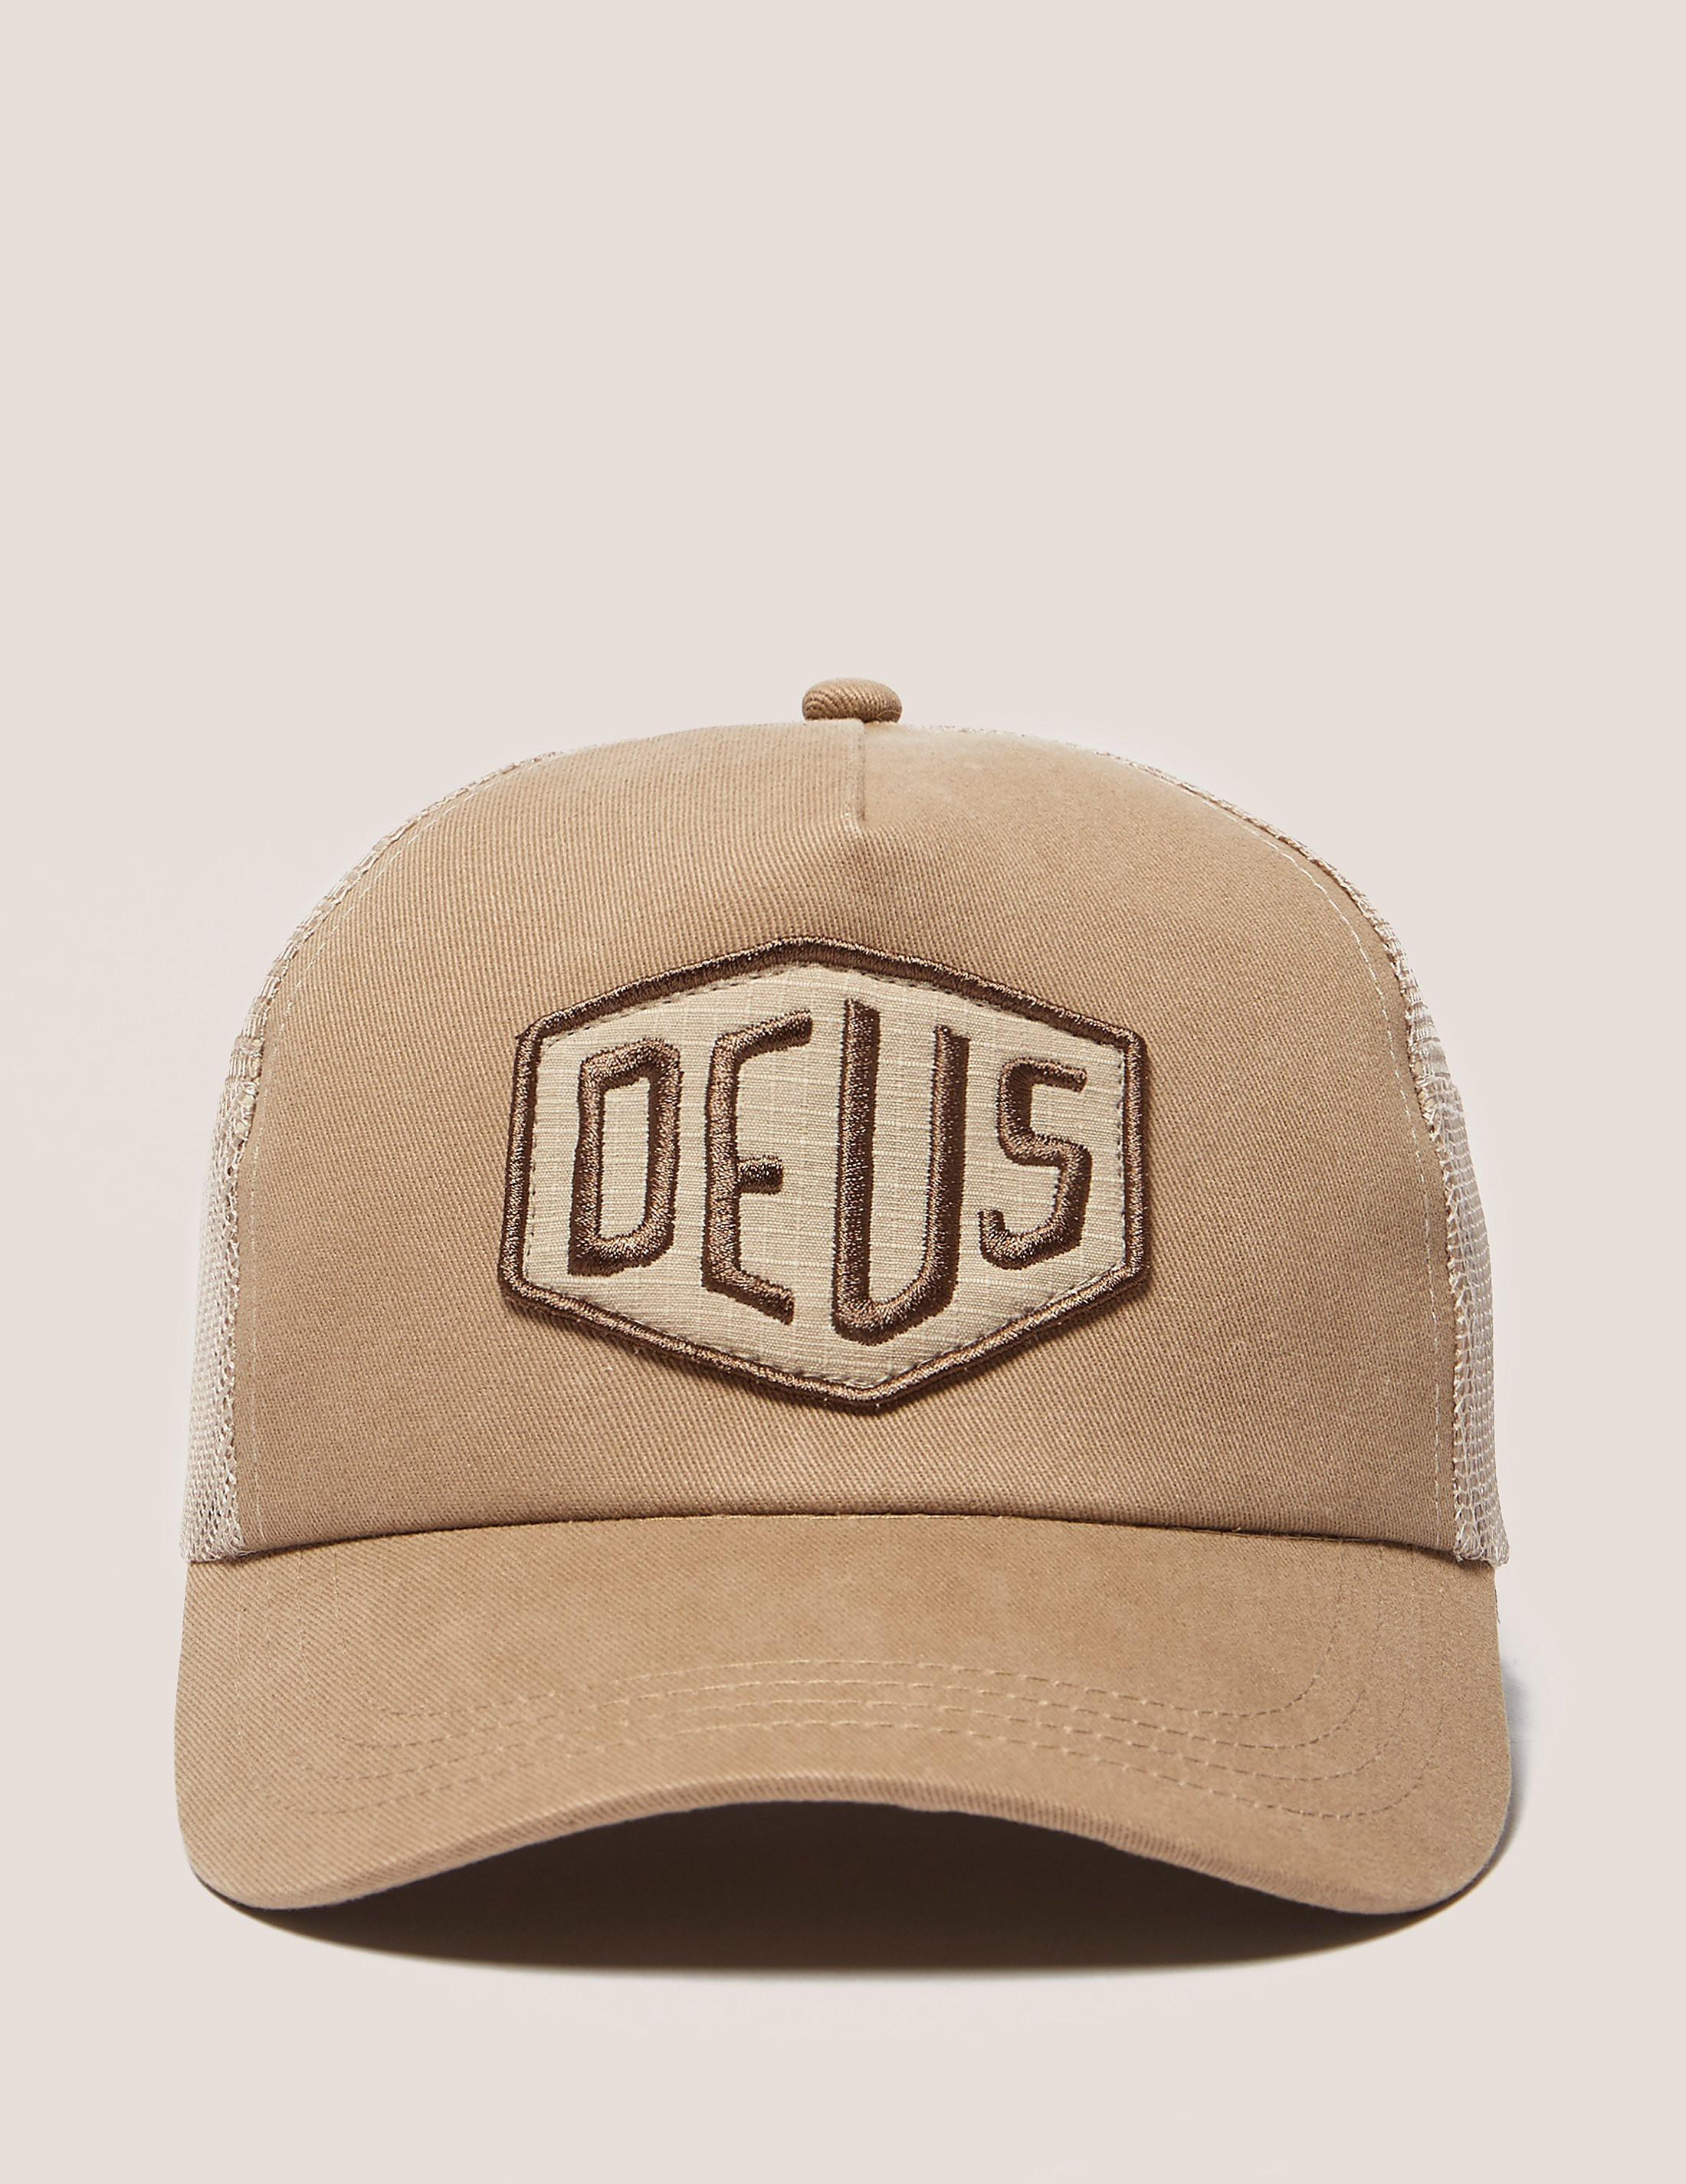 Deus Ex Machina Foxtrot Shield Trucker Hat